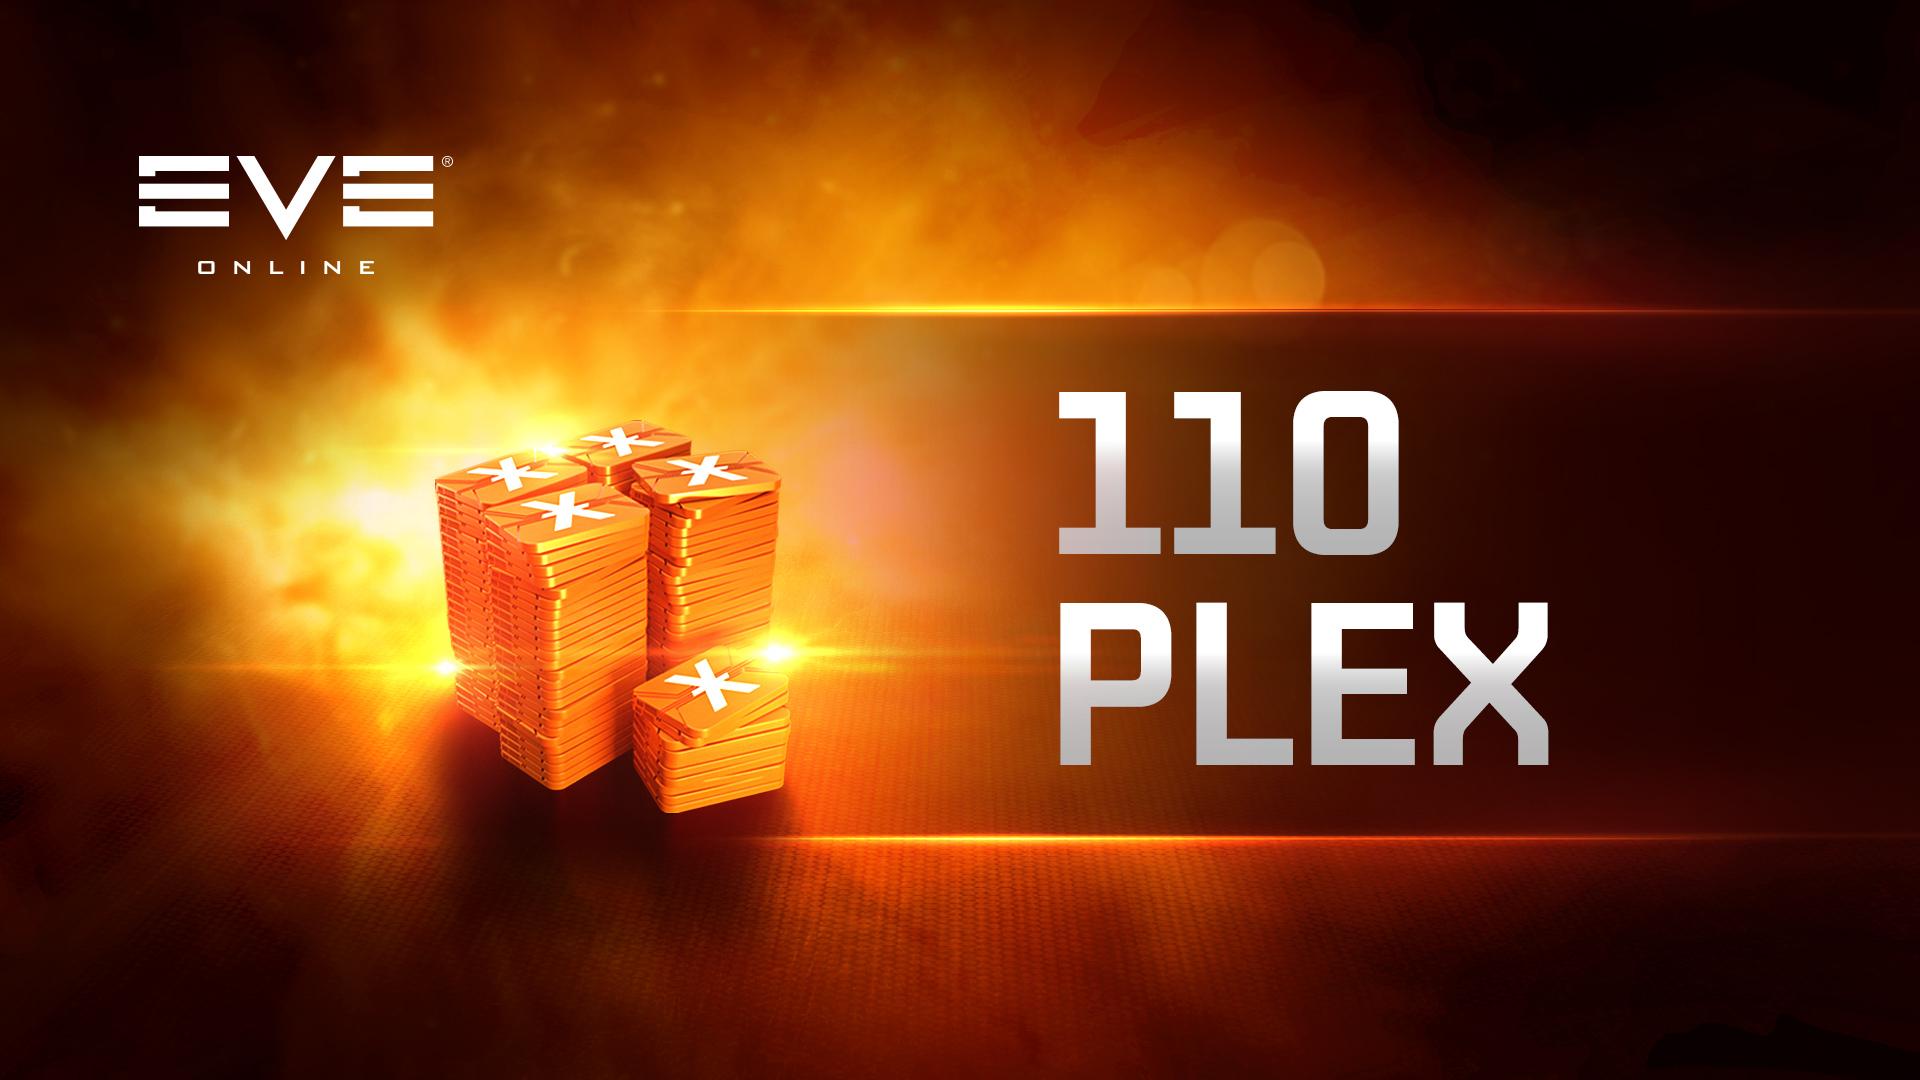 EVE Online: 110 PLEX